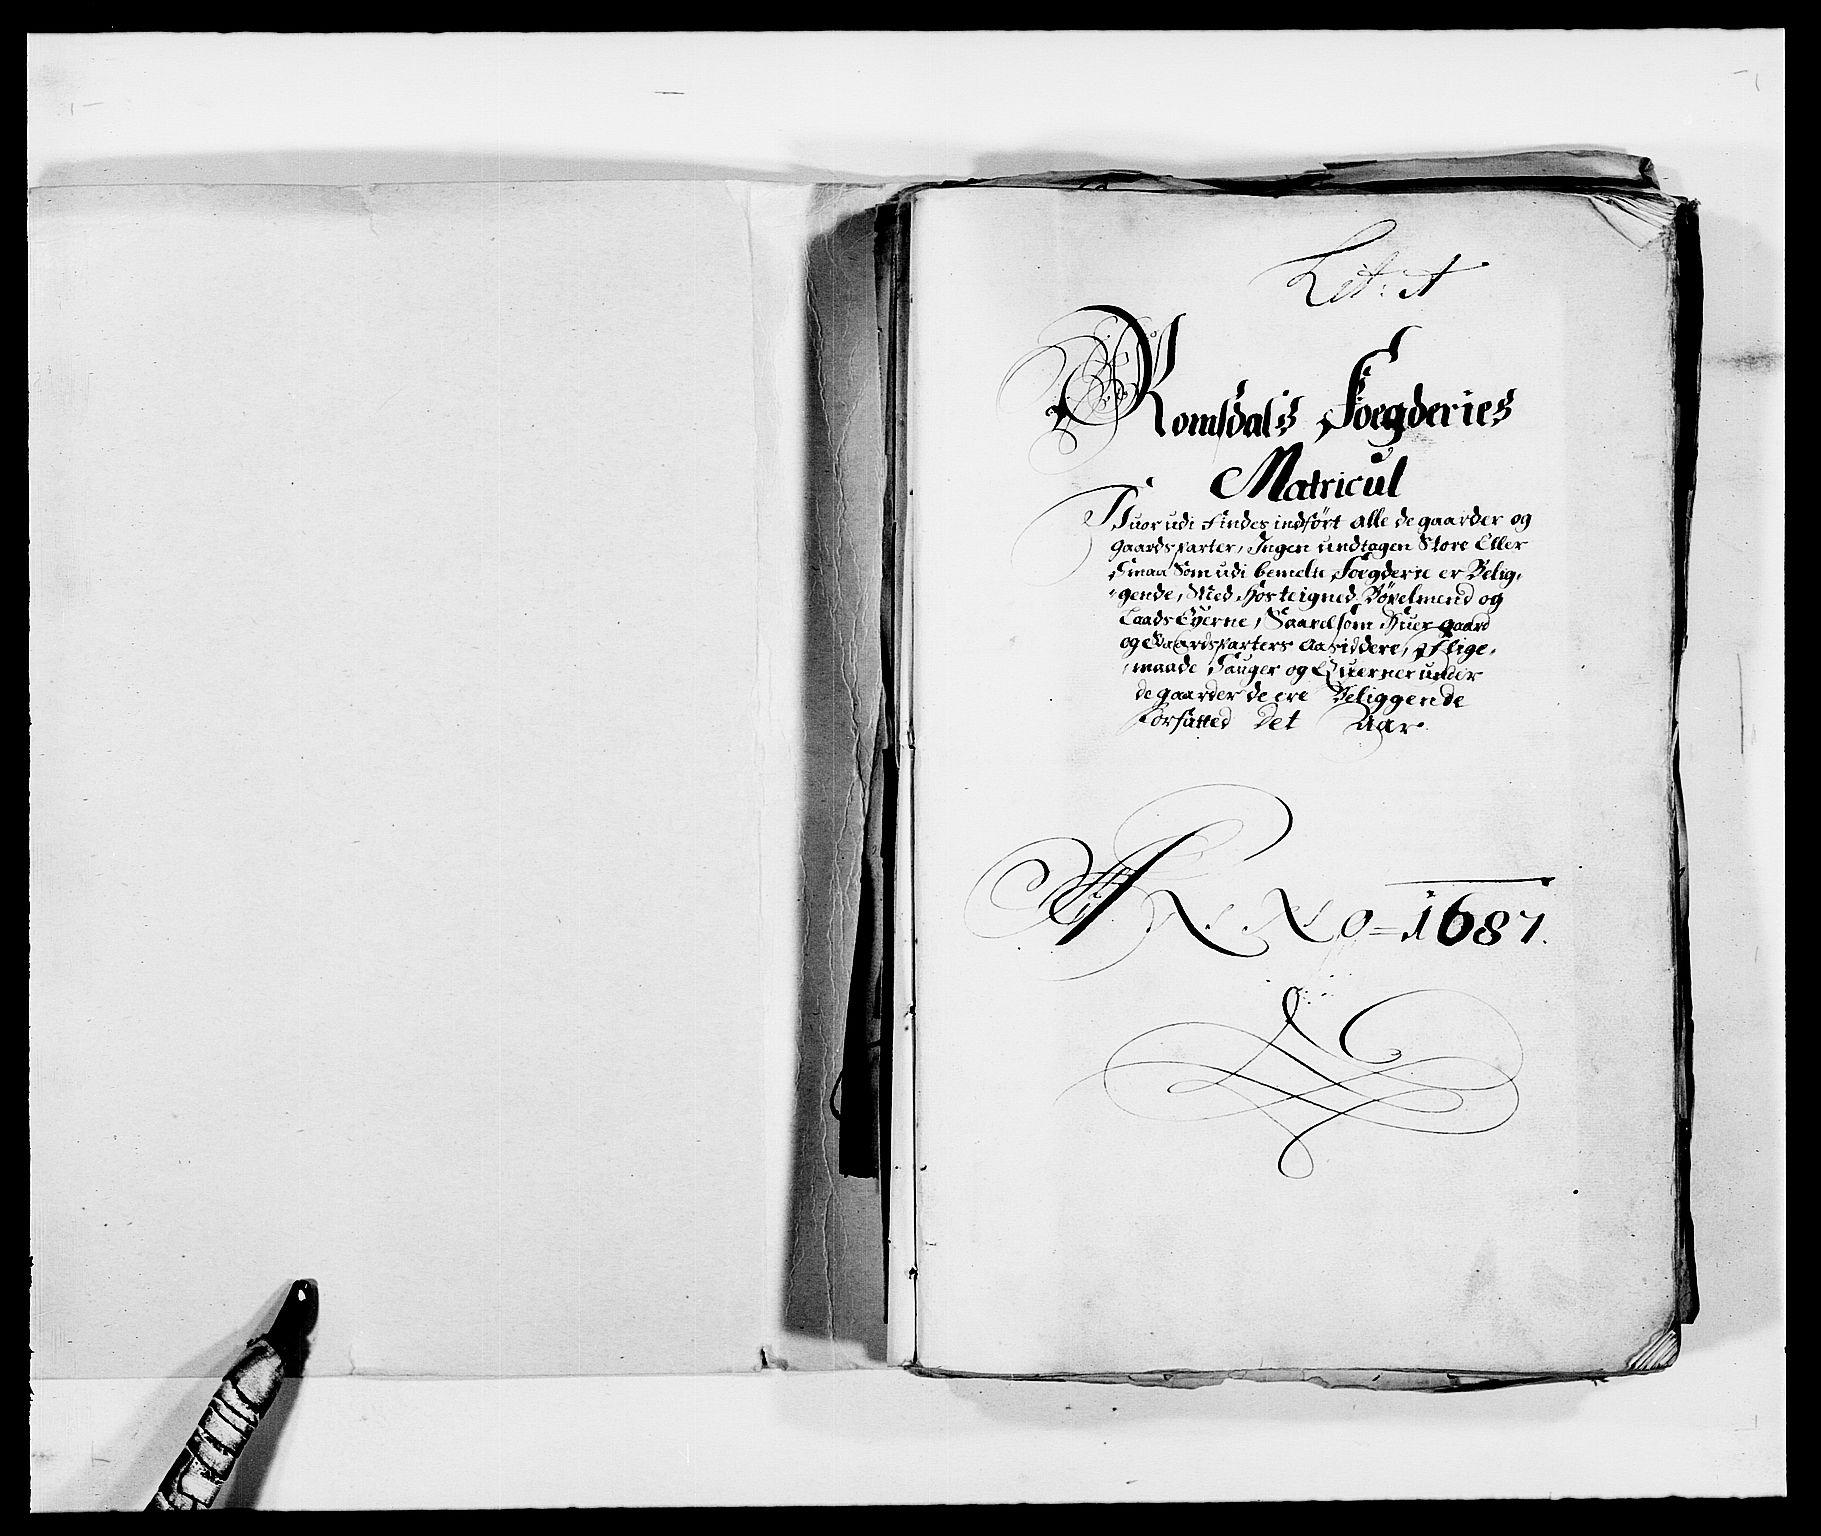 RA, Rentekammeret inntil 1814, Reviderte regnskaper, Fogderegnskap, R55/L3648: Fogderegnskap Romsdal, 1687-1689, s. 2